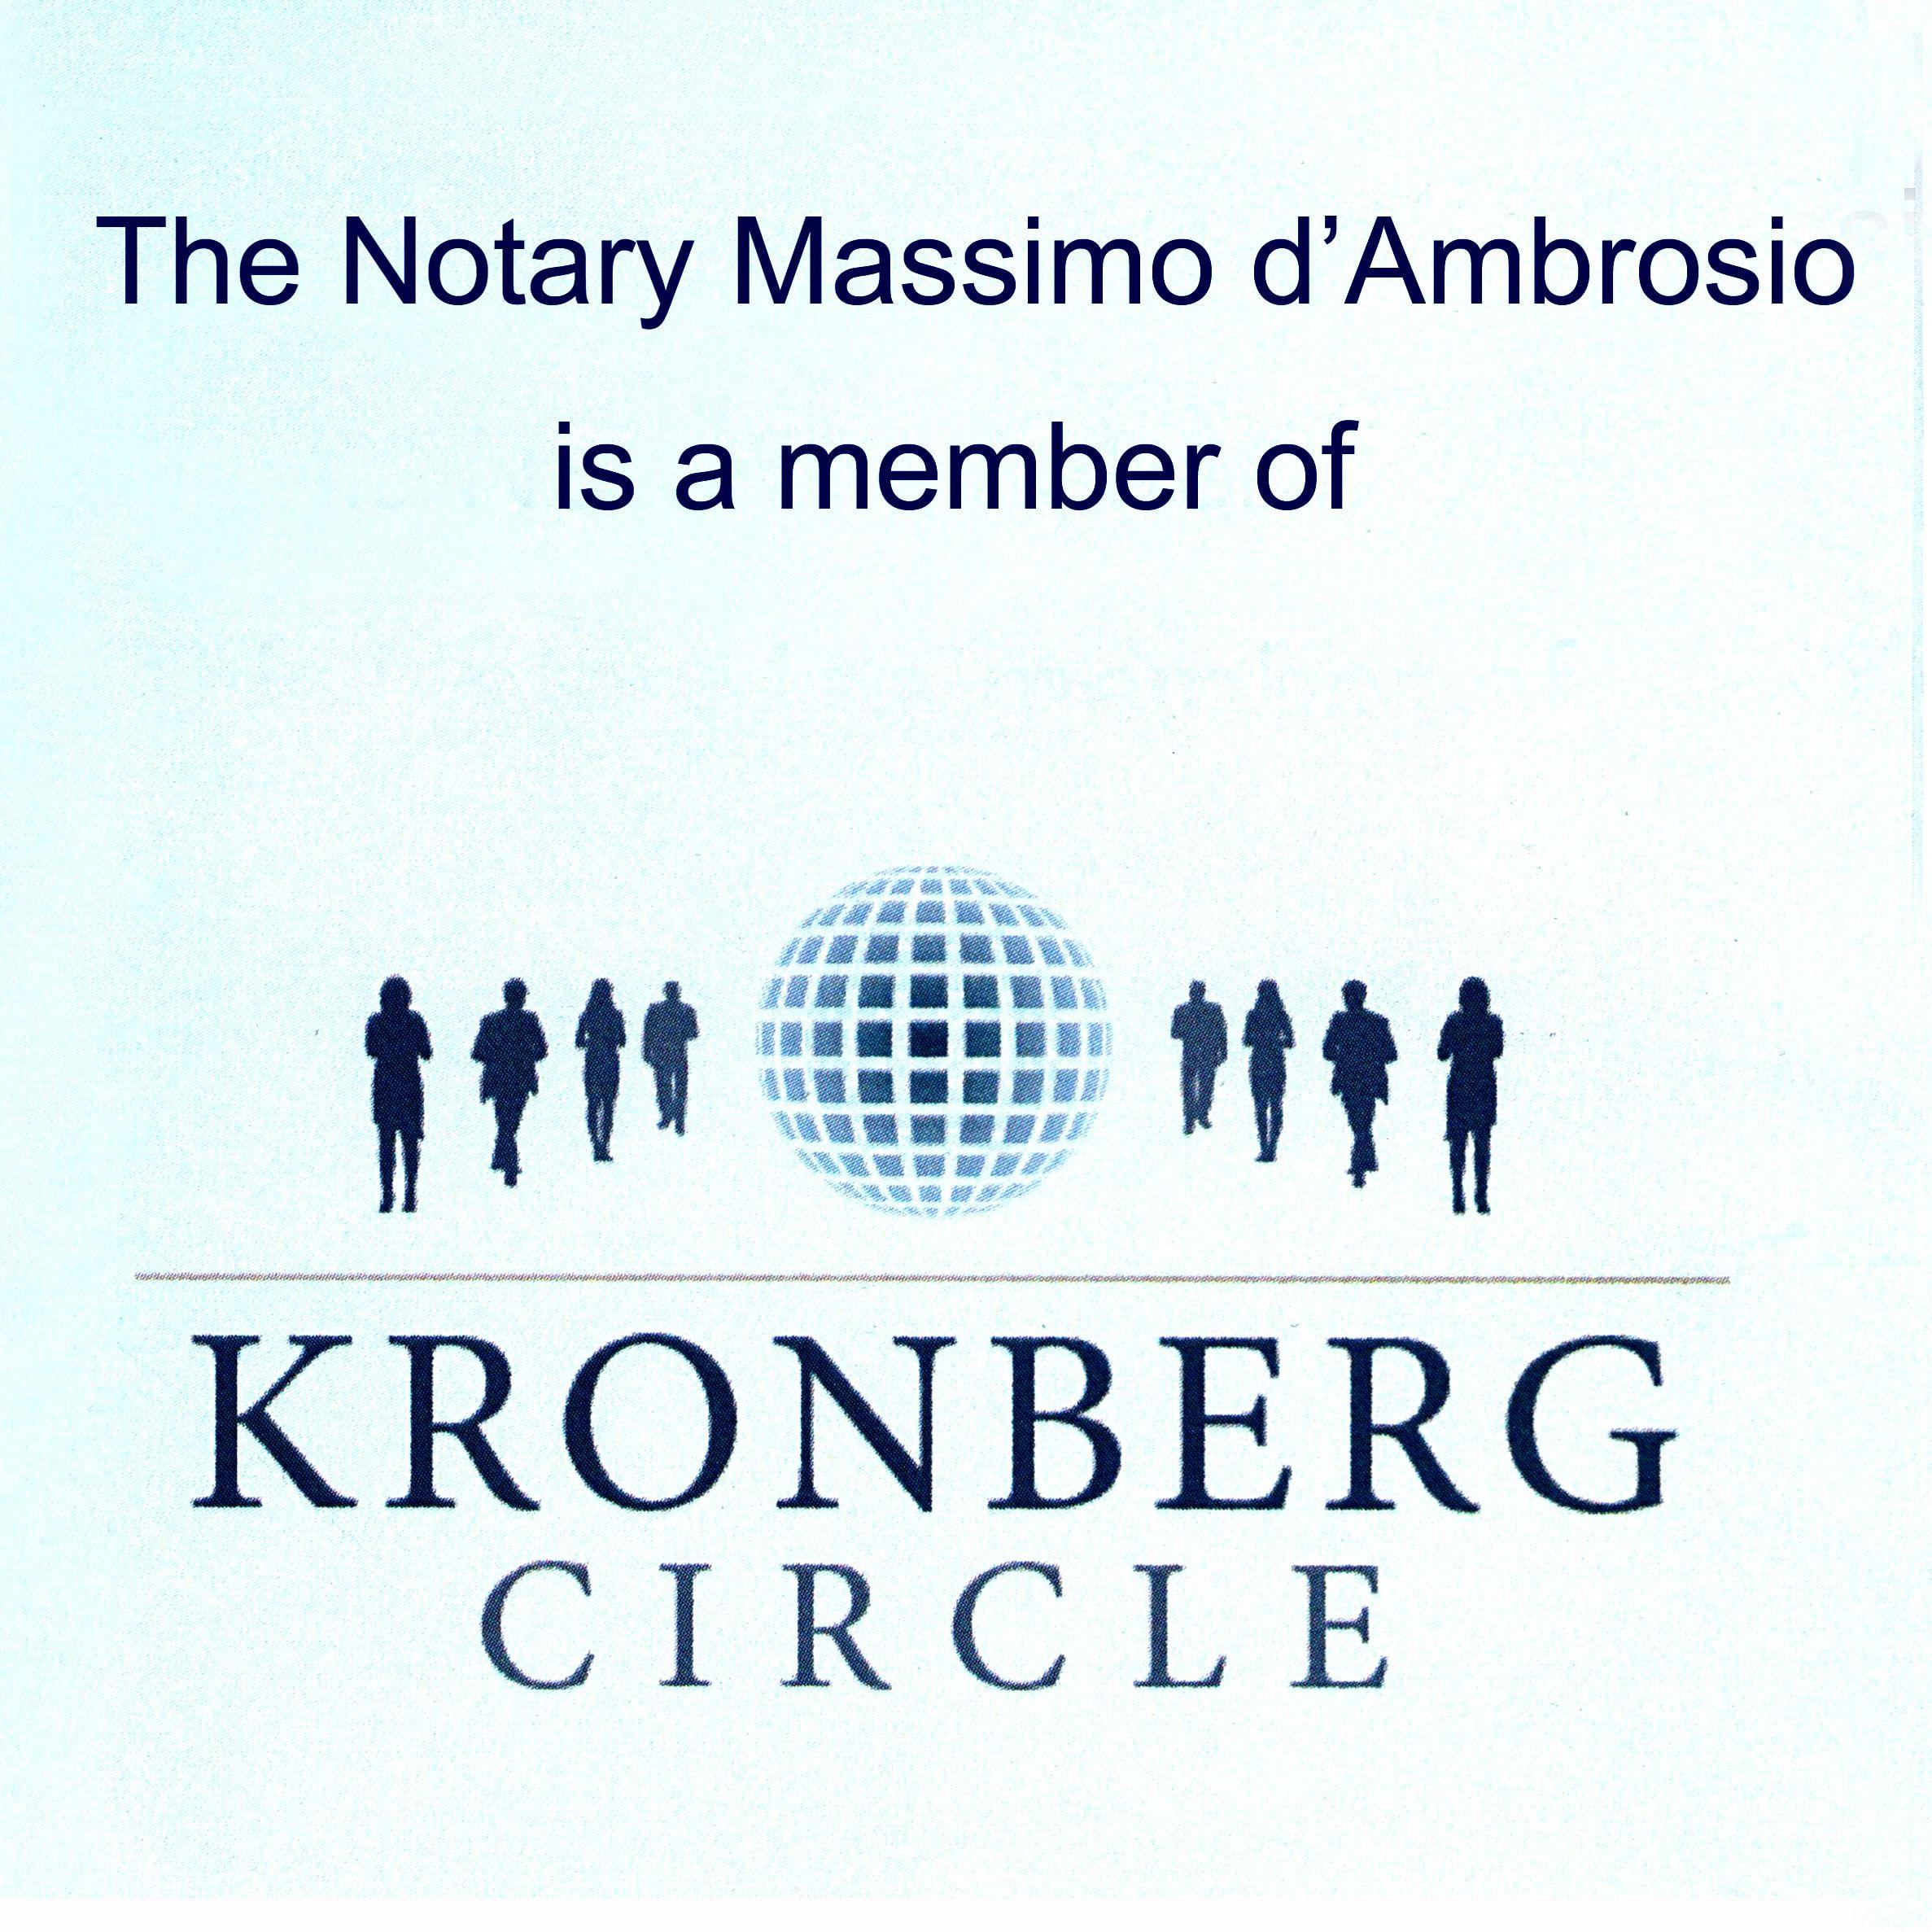 kronberg circle e notaio Massimo d'Ambrosio